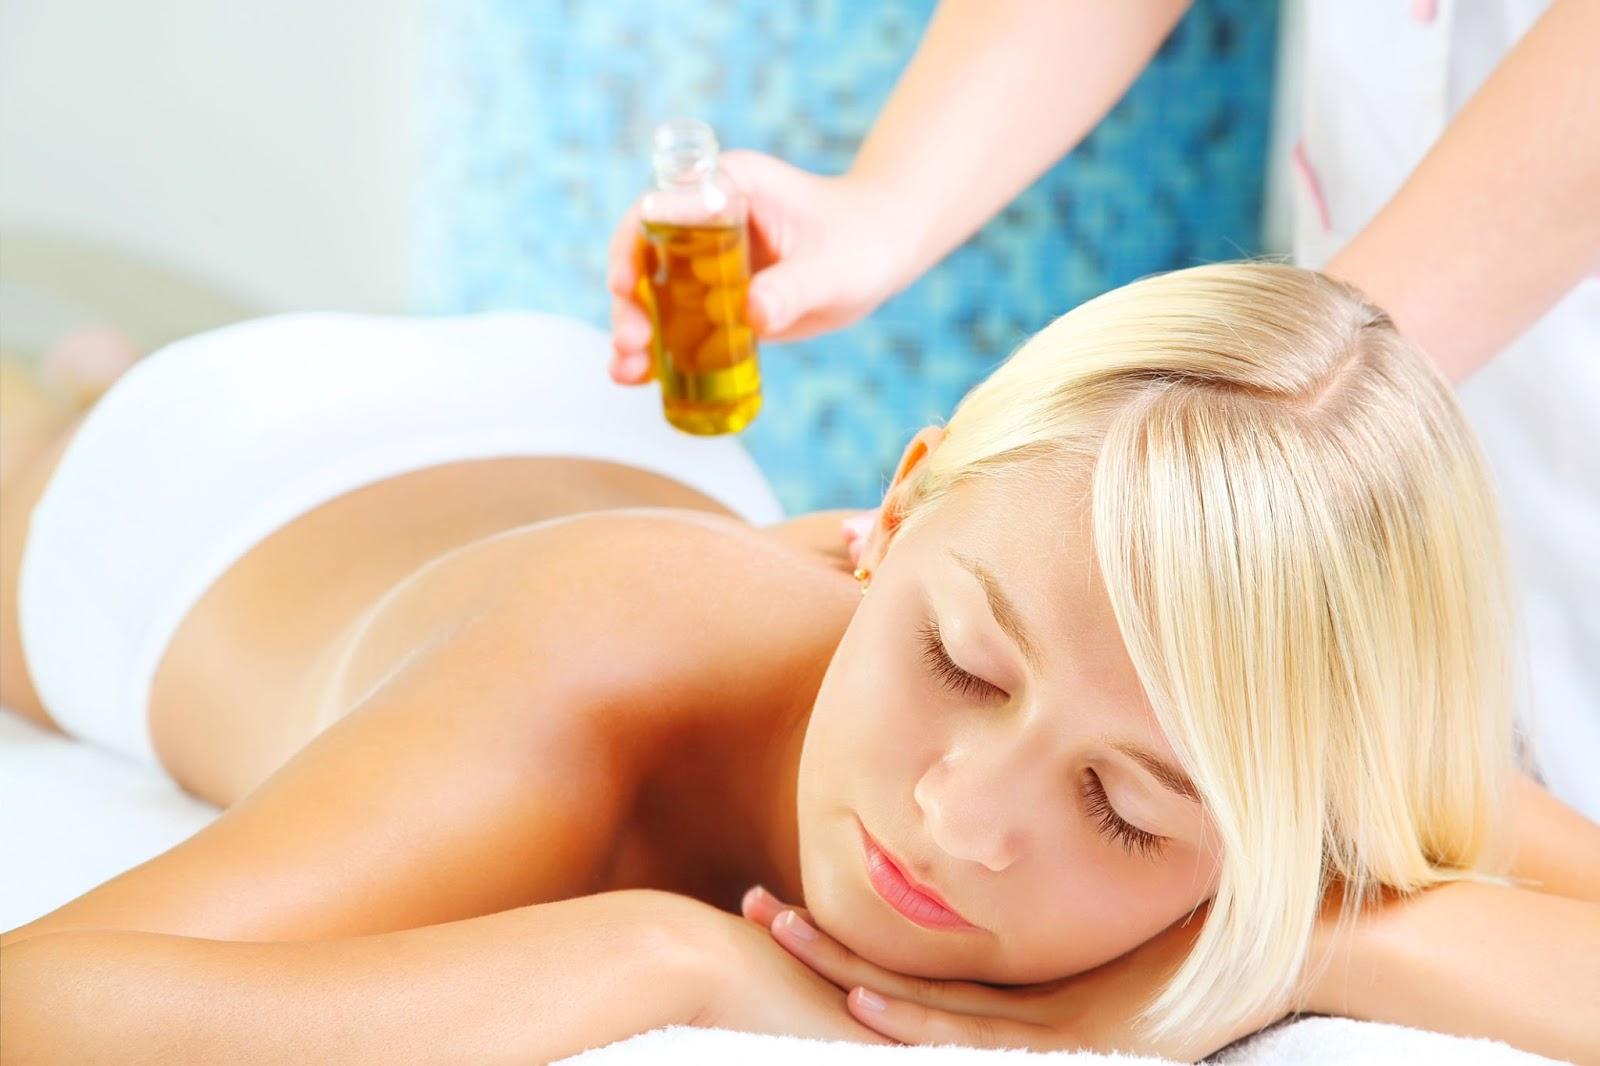 Faire+son+propre+huile+de+massage+minceur+active++la+maison